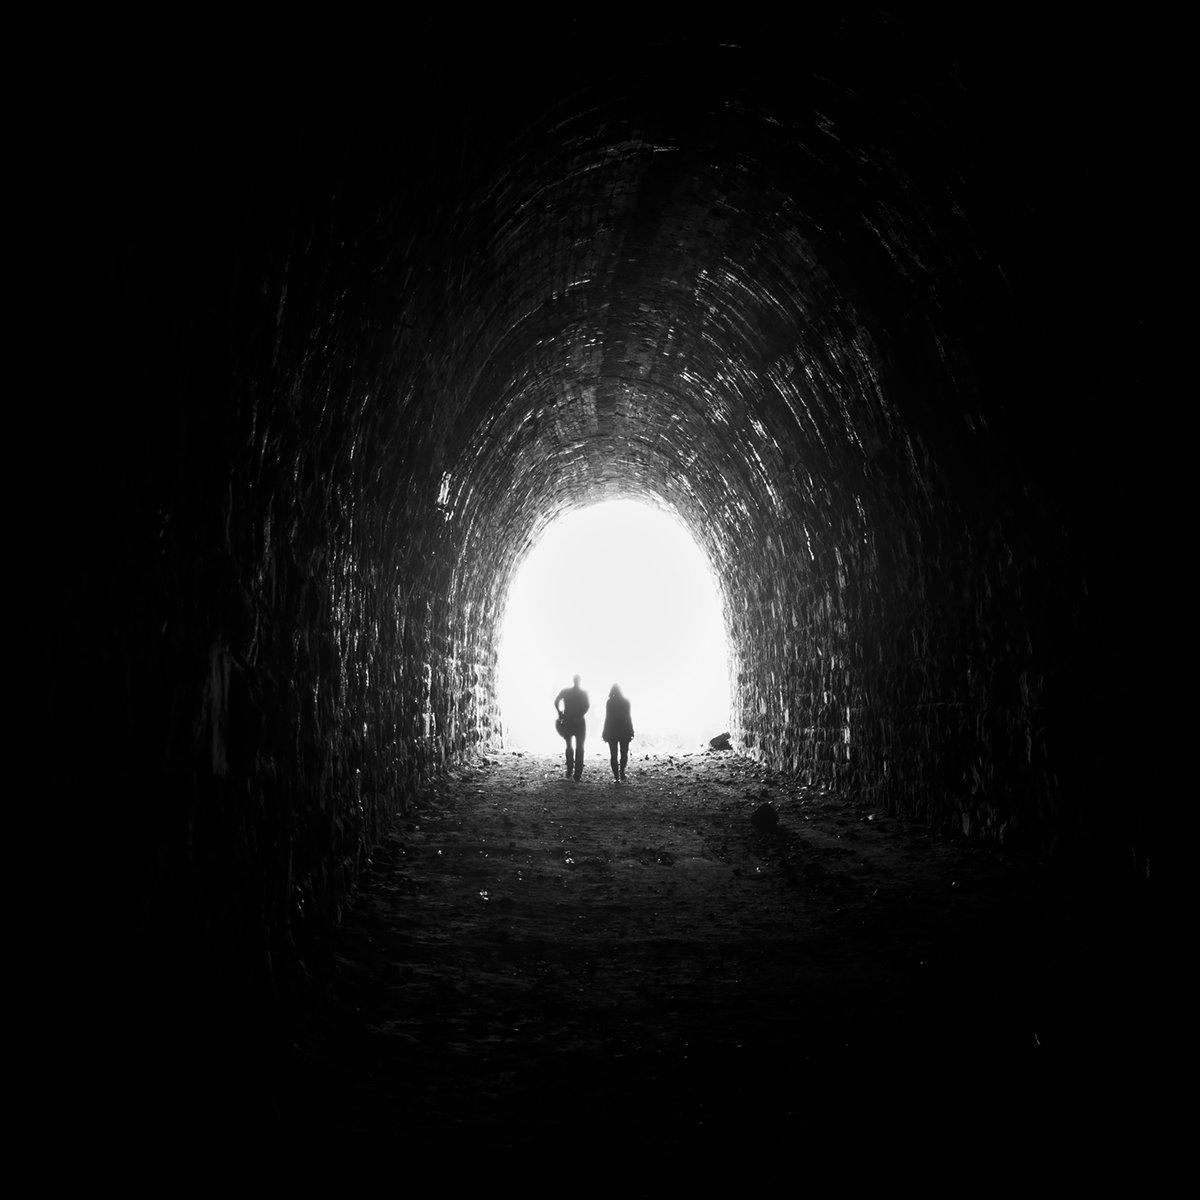 нас картинки конец тоннеля поздравления новым